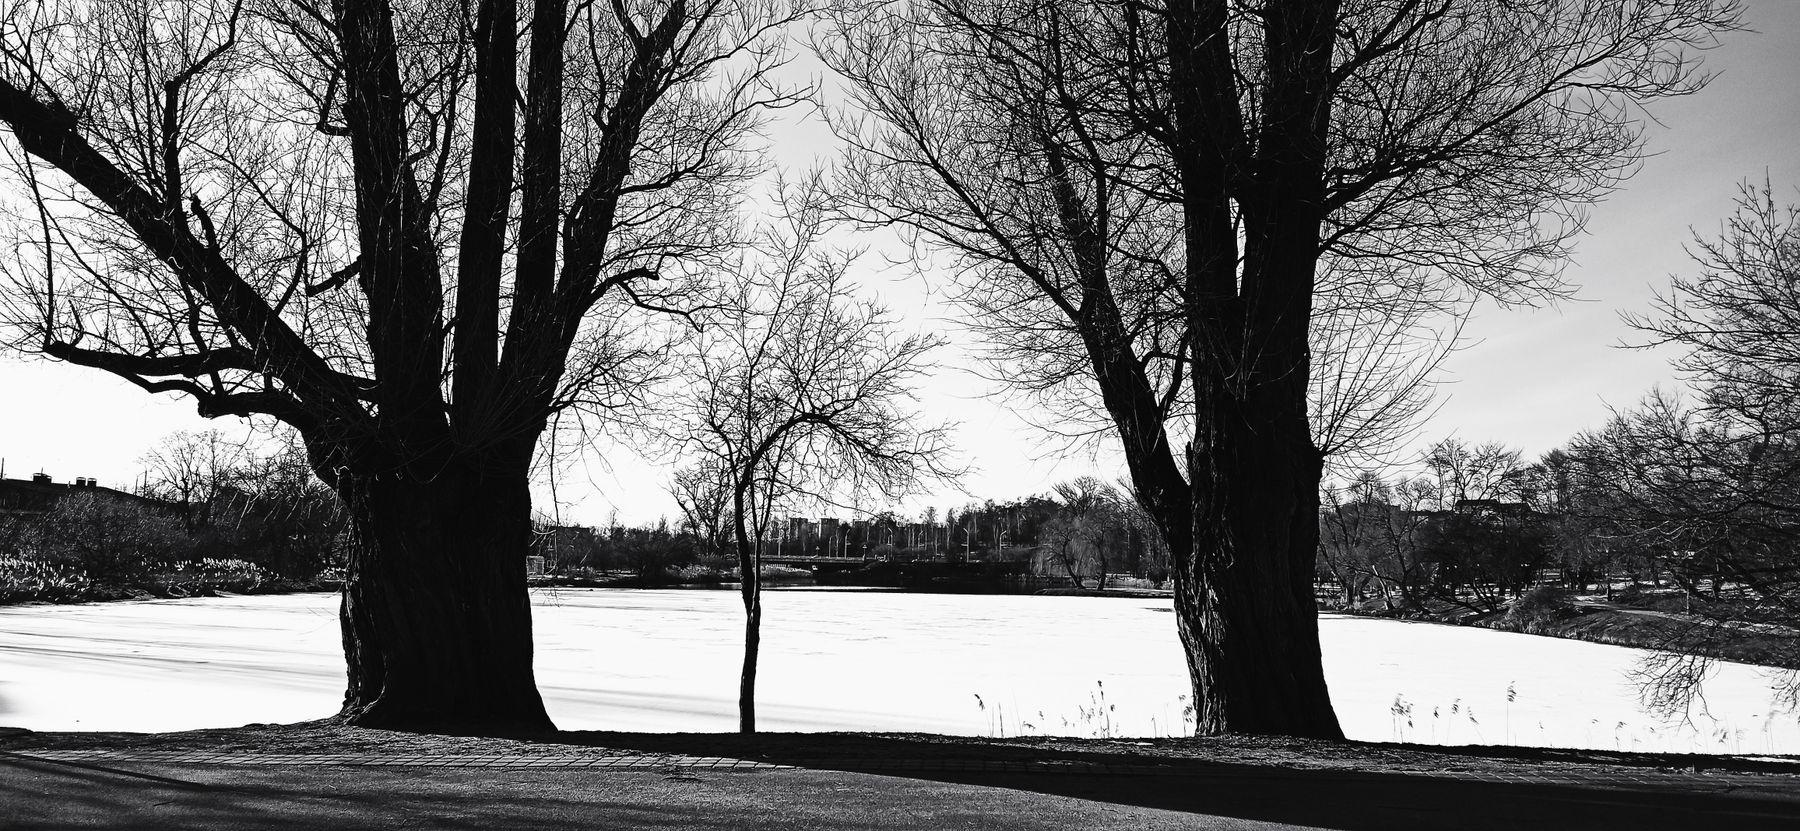 Семья Деревья парк